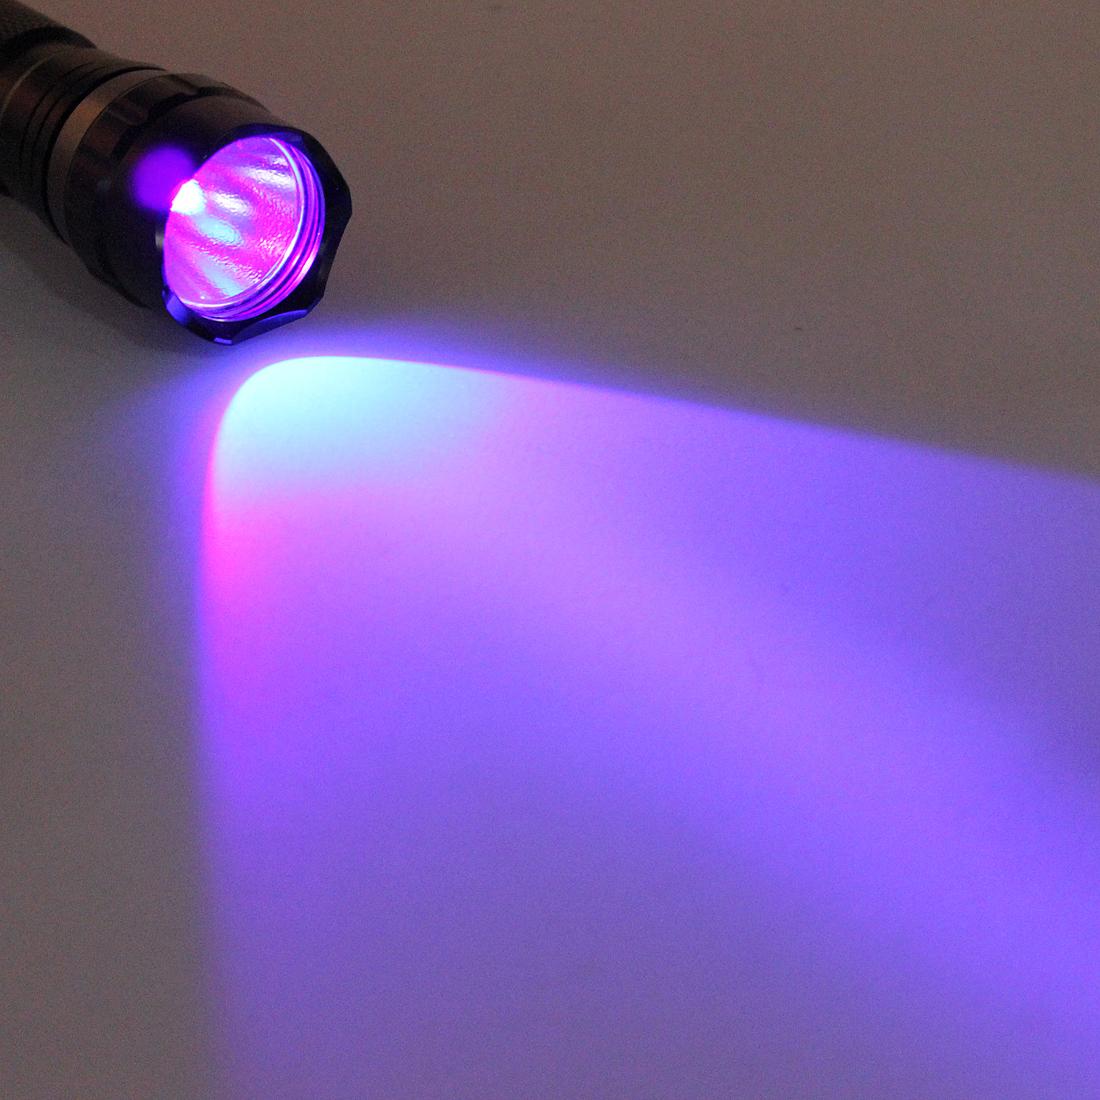 Ультрафиолет дома своими руками